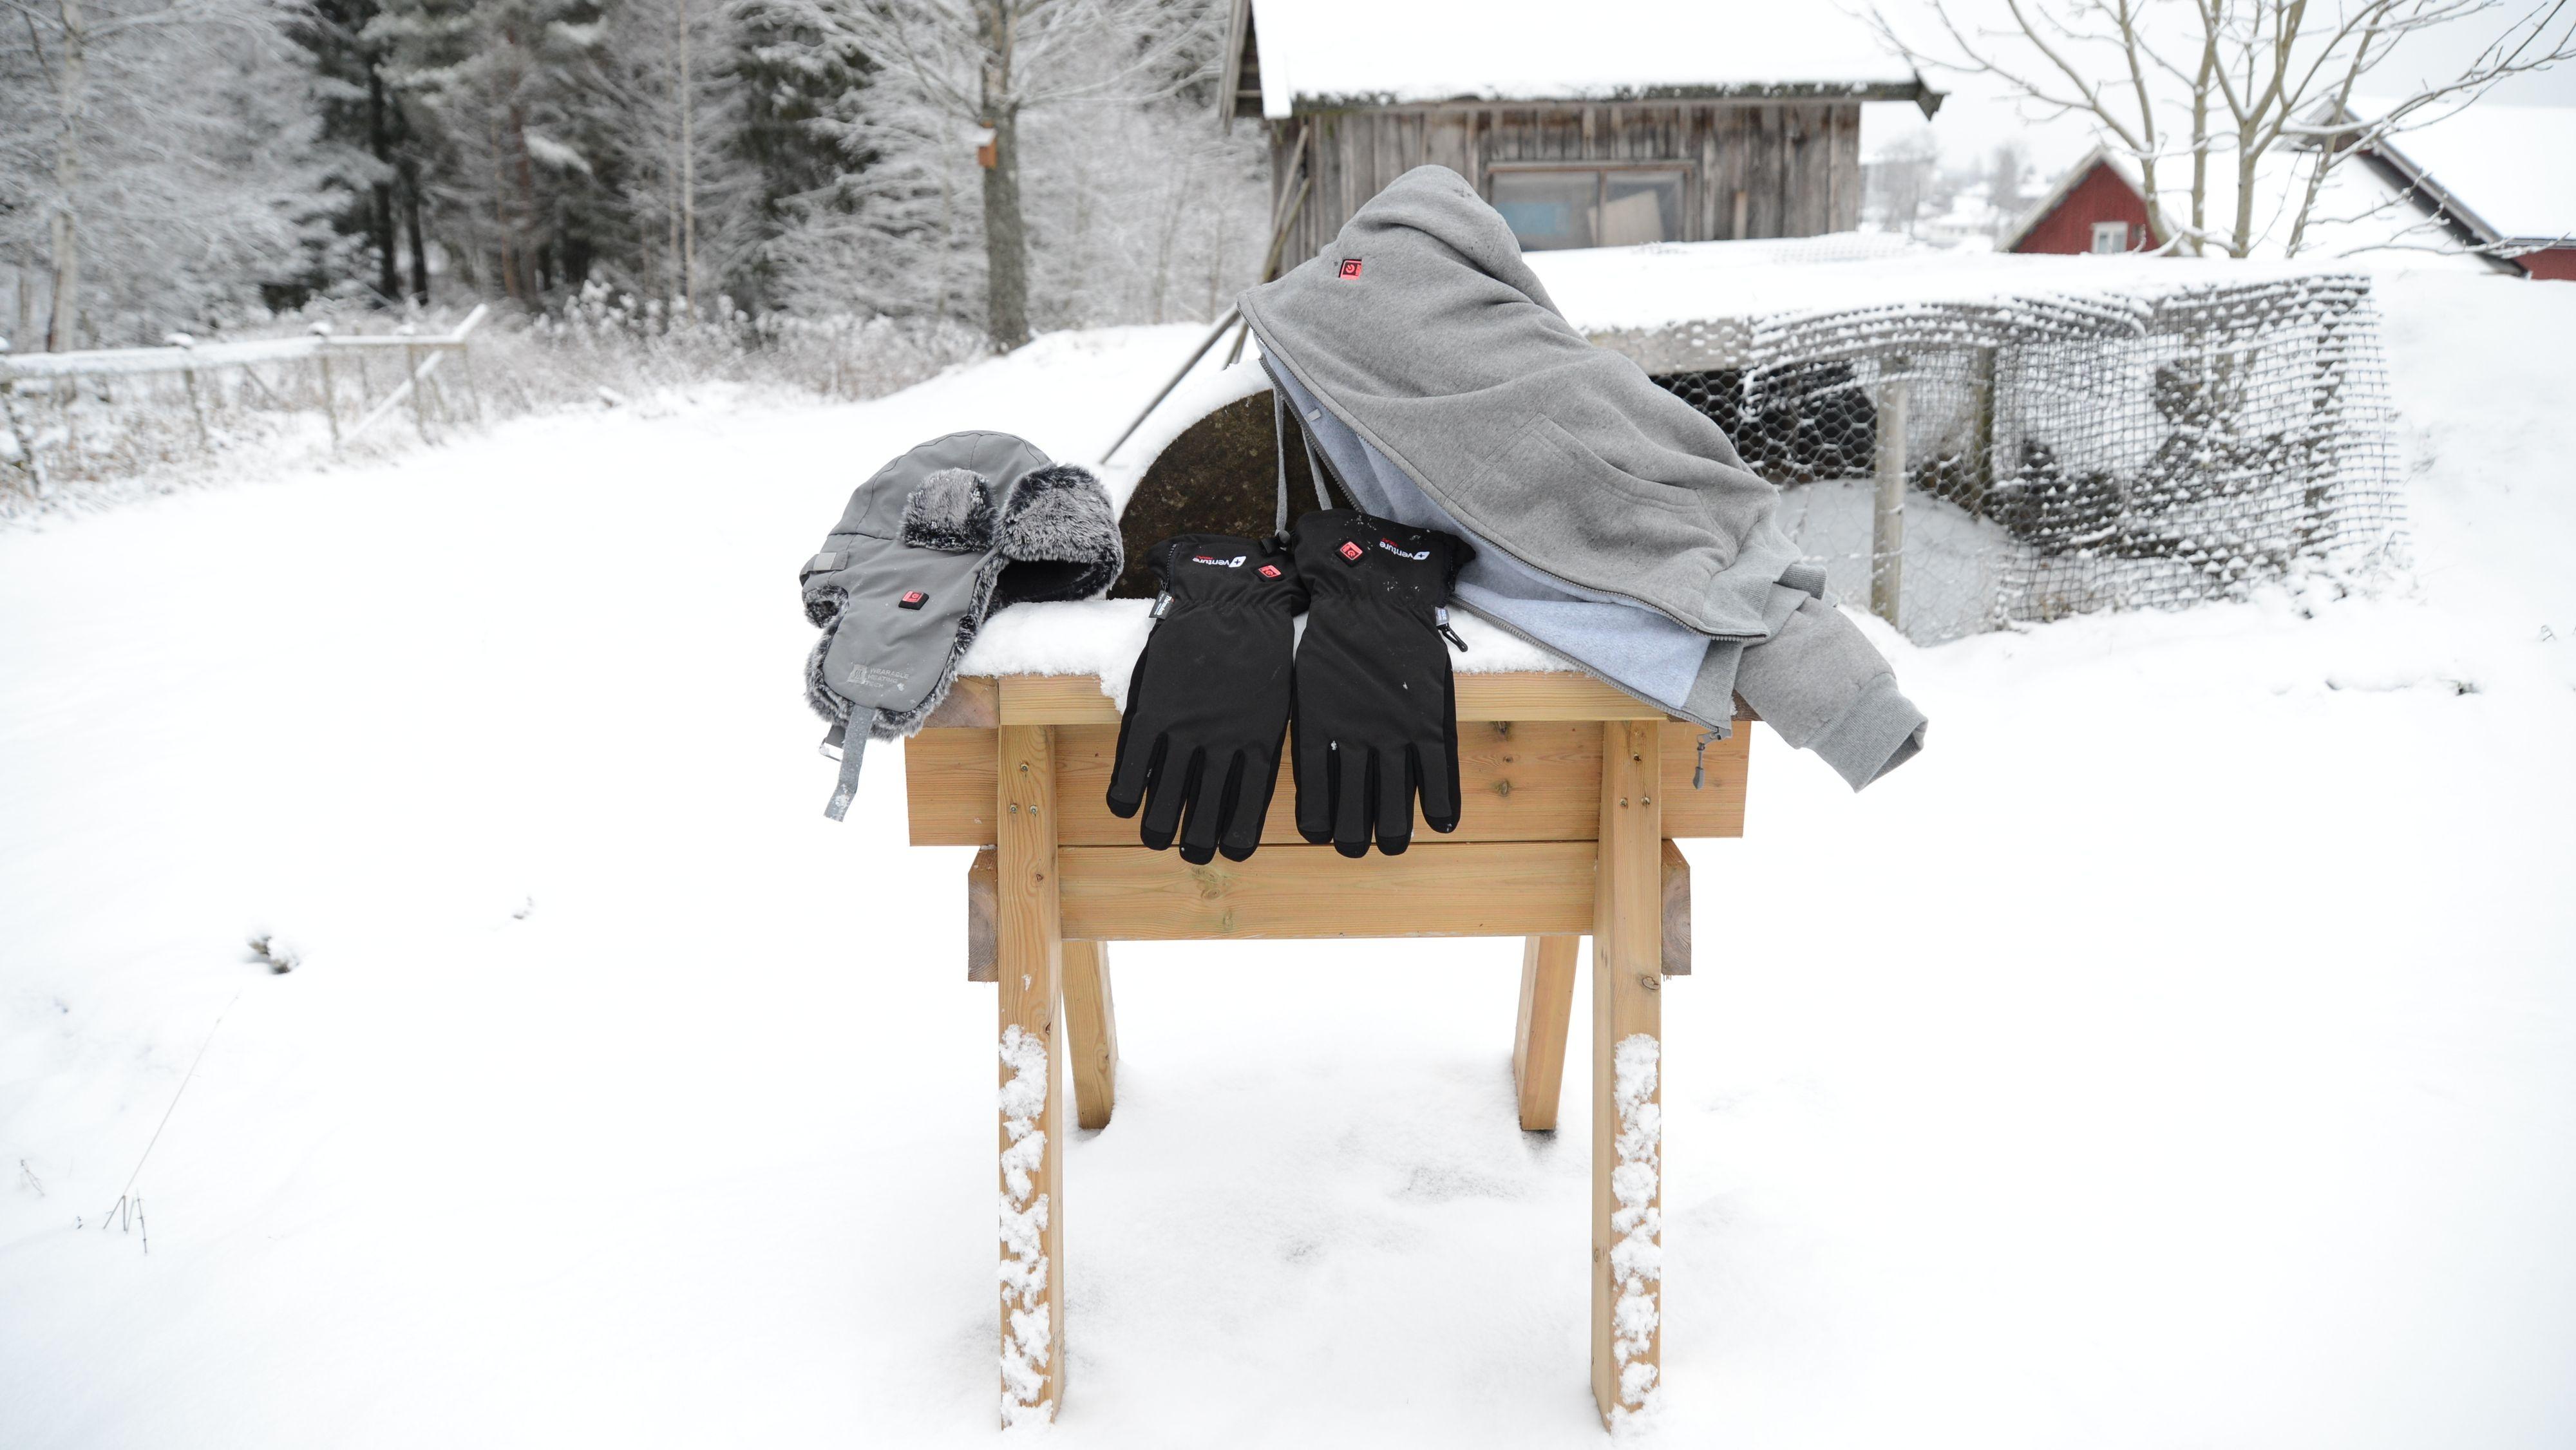 Varme klær hjelper deg komme igjennom kalde tider på en enkel måte. Bilde: Ole Henrik Johansen / Tek.no